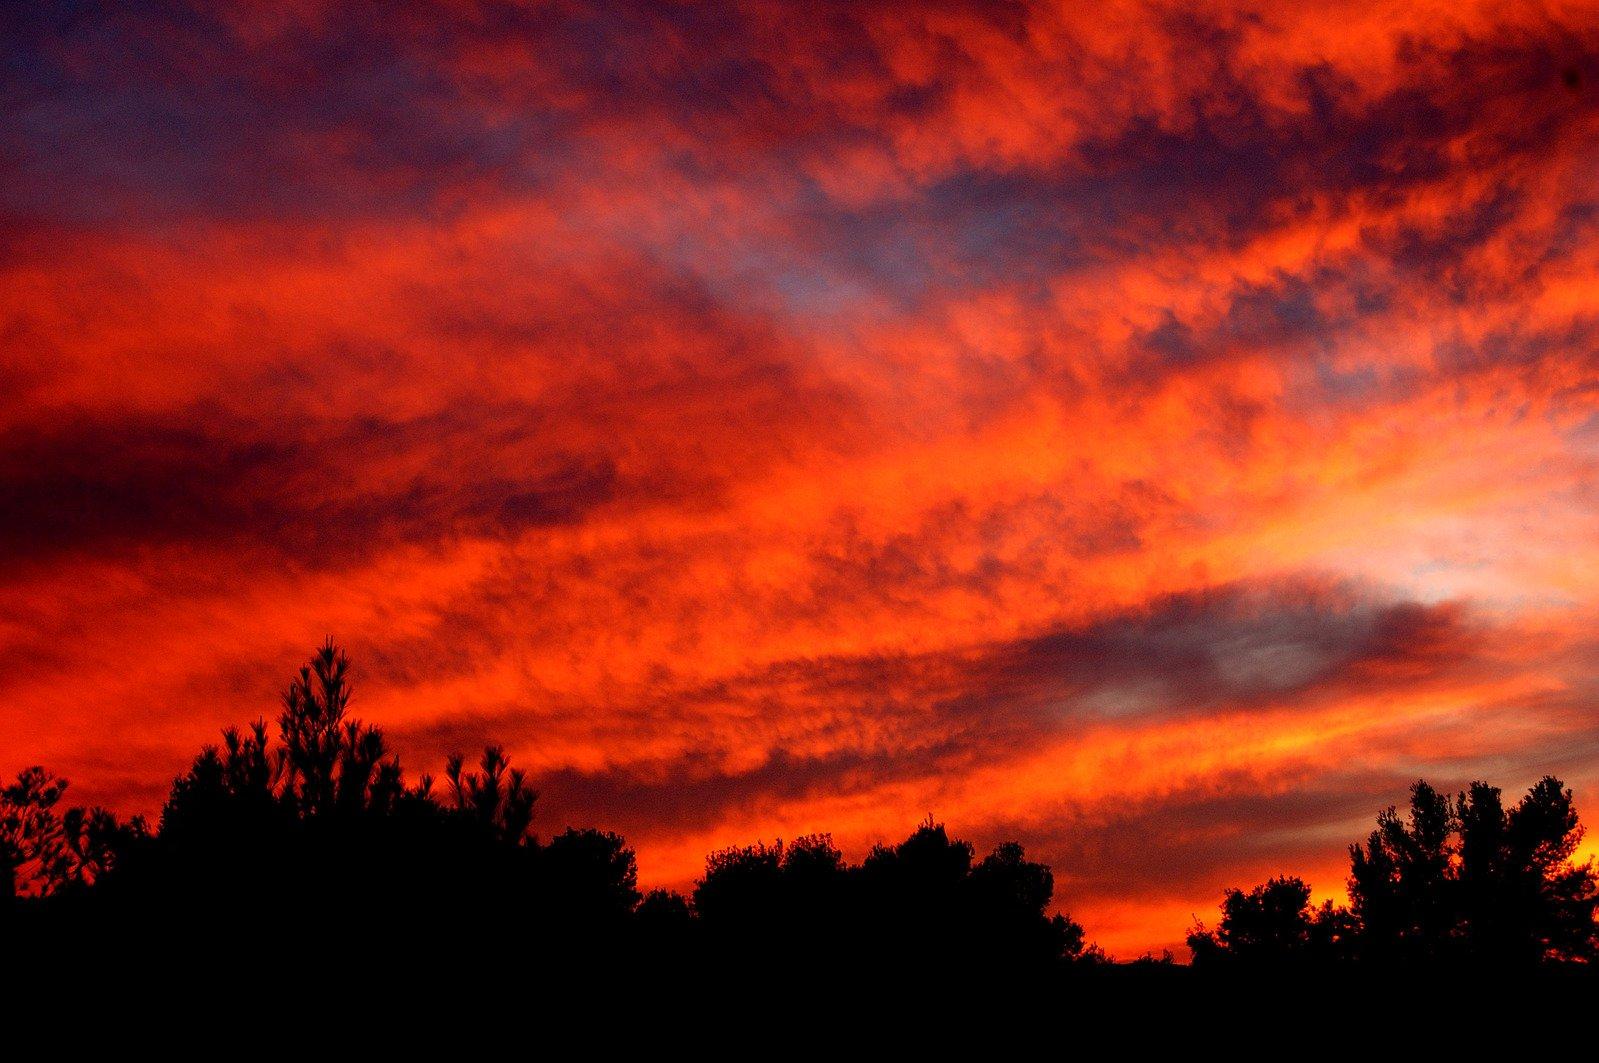 Cielo Rosso Di Notte.Free Cielo Rosso Di Notte Stock Photo Freeimages Com